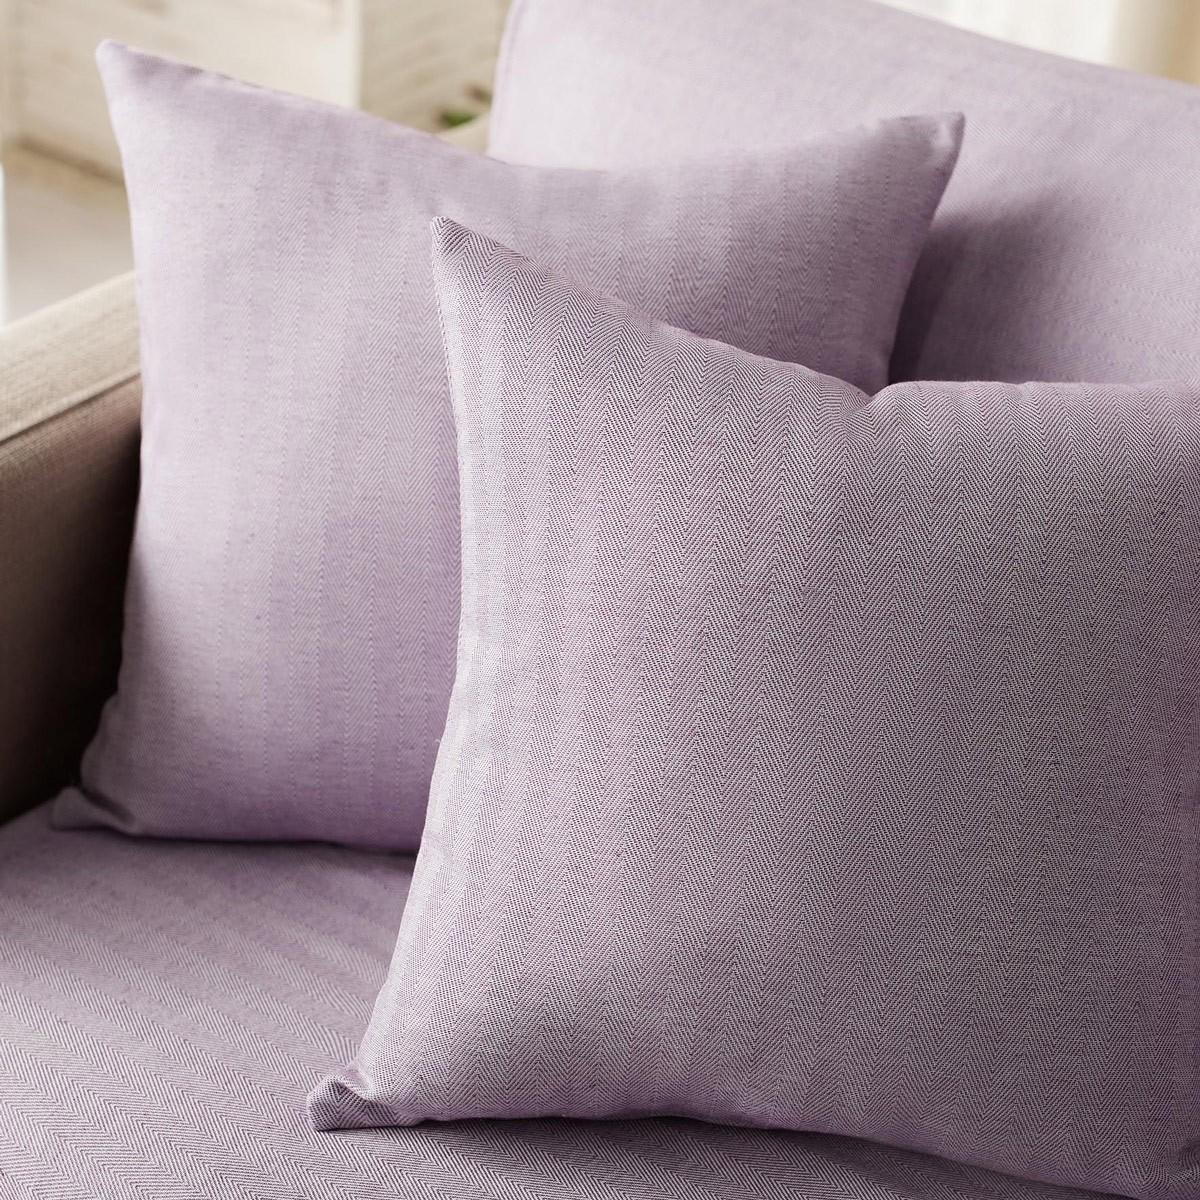 Διακοσμητική Μαξιλαροθήκη (50×50) Gofis Home Rene Purple 732/19